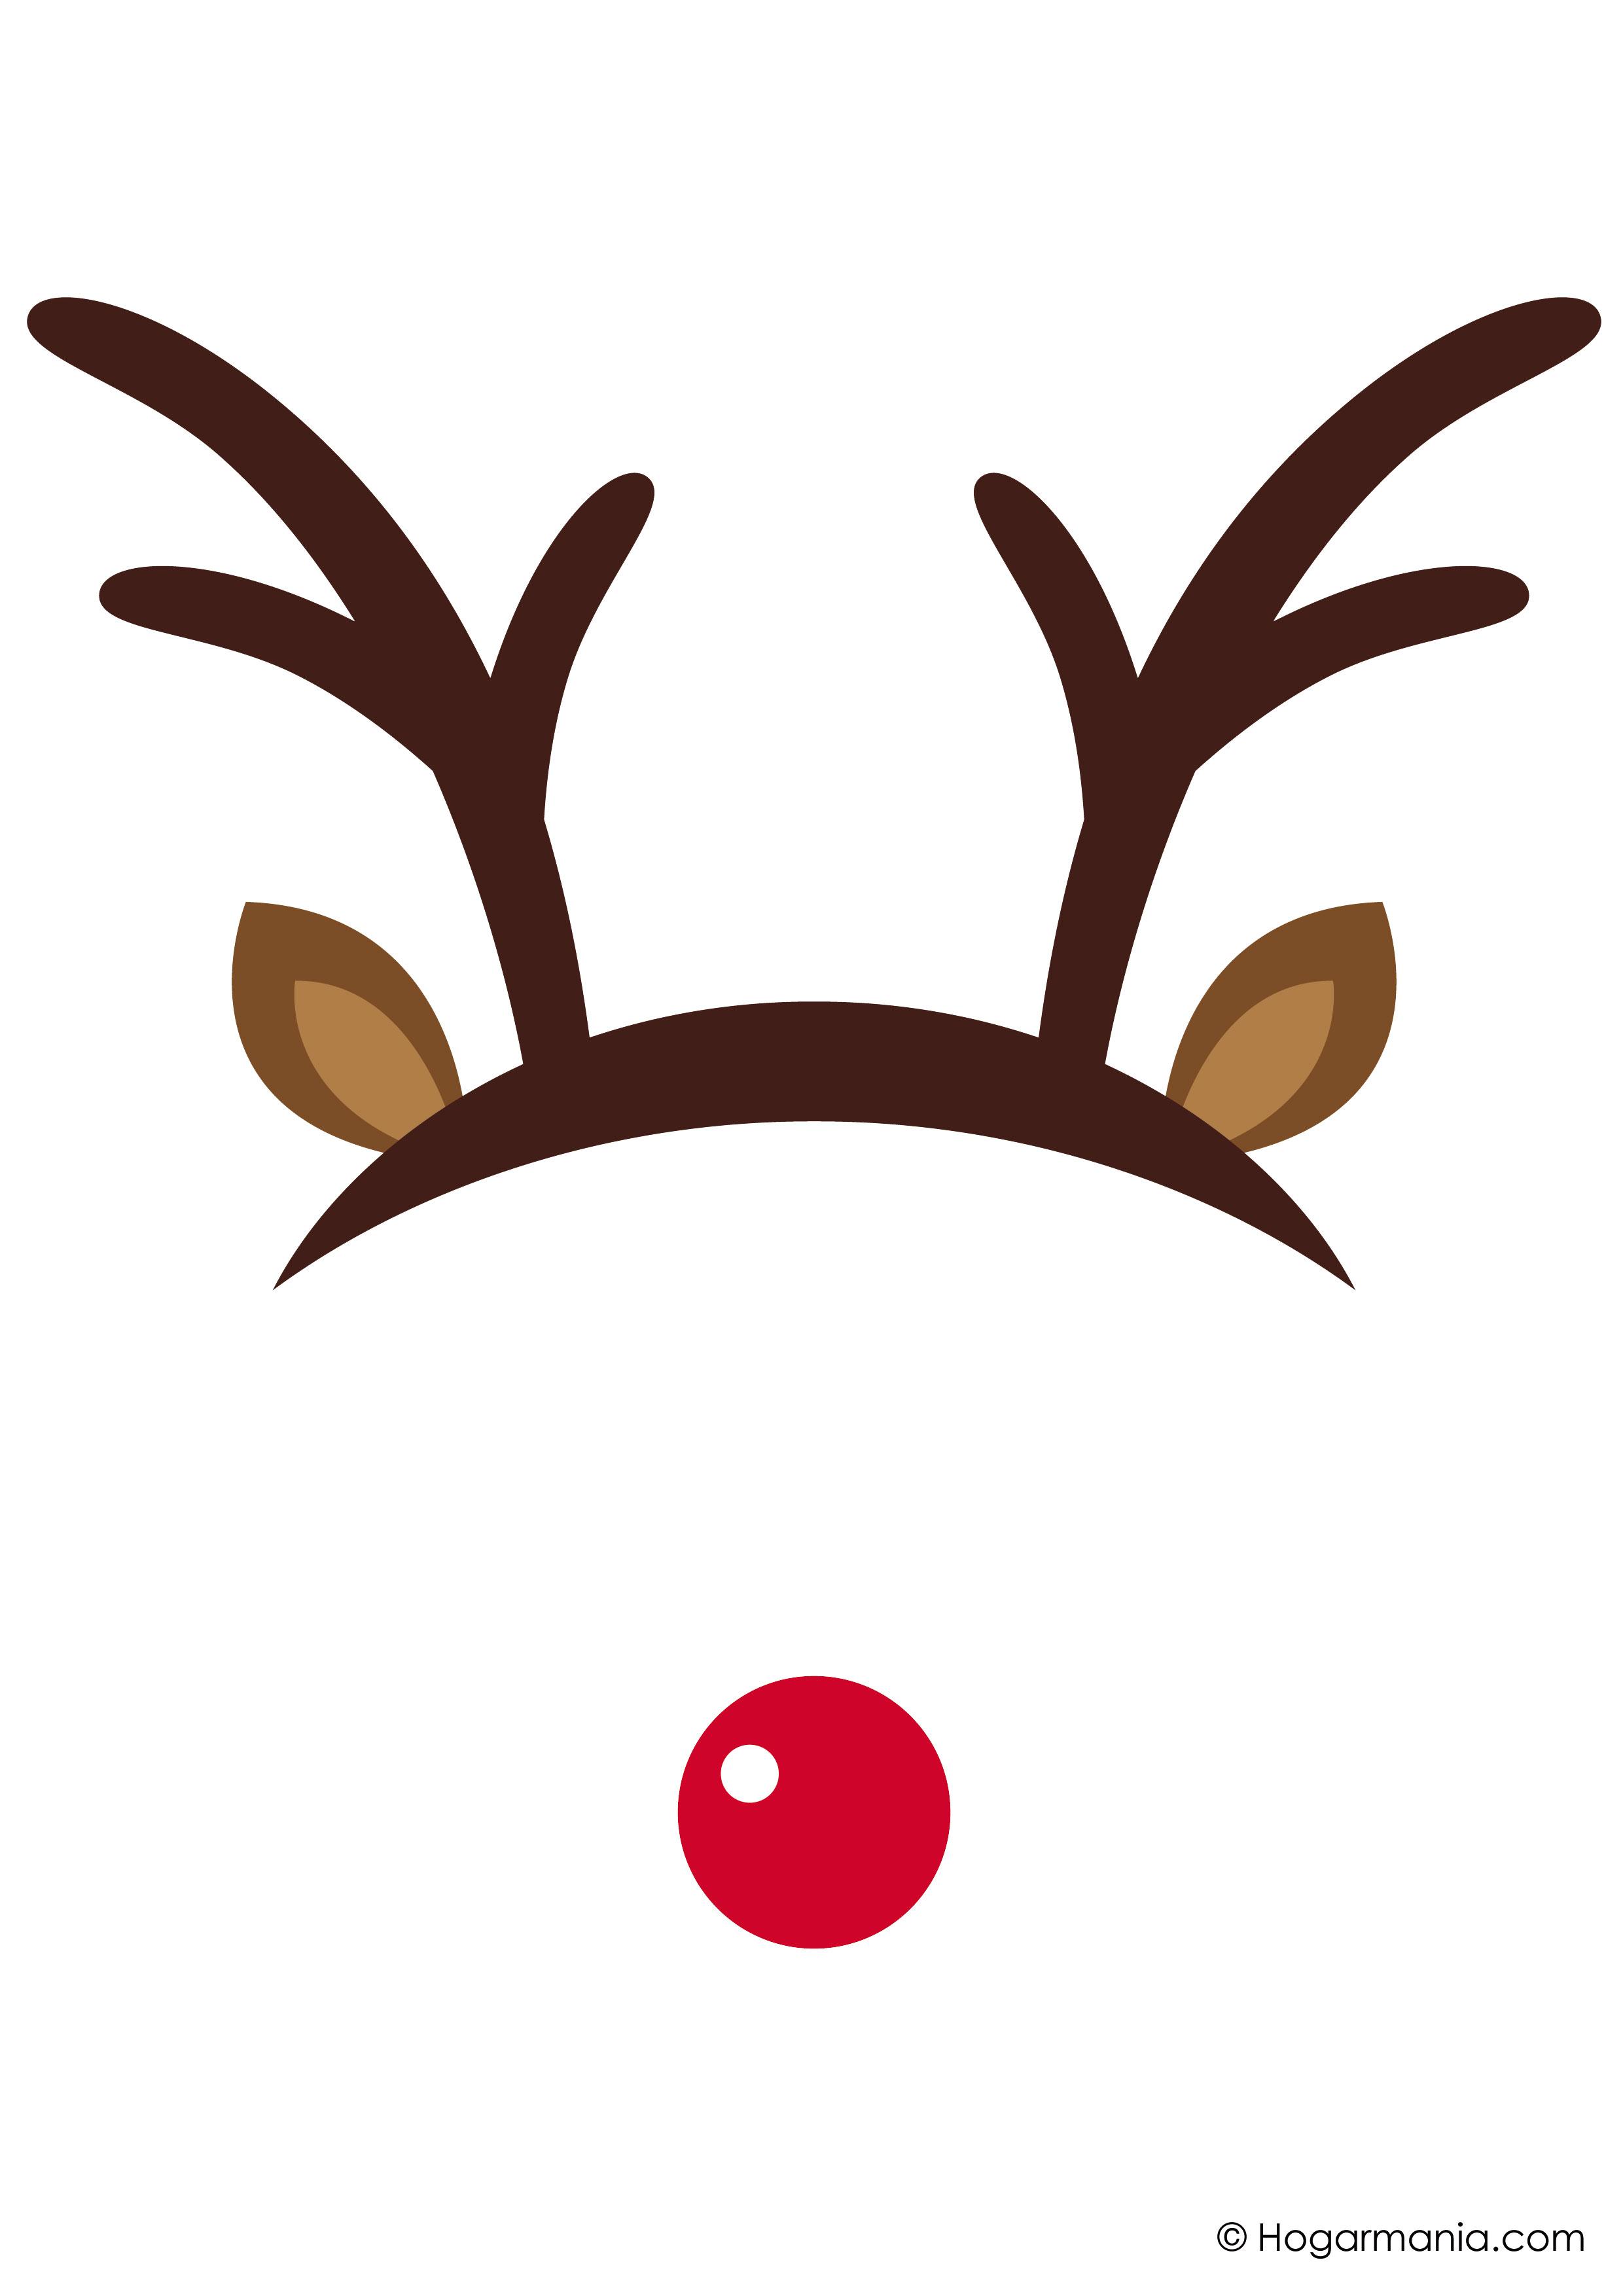 Imagenes De Motivos Navidenos Para Imprimir.Kit Descargable Para Hacer Un Photocall De Navidad Hogarmania